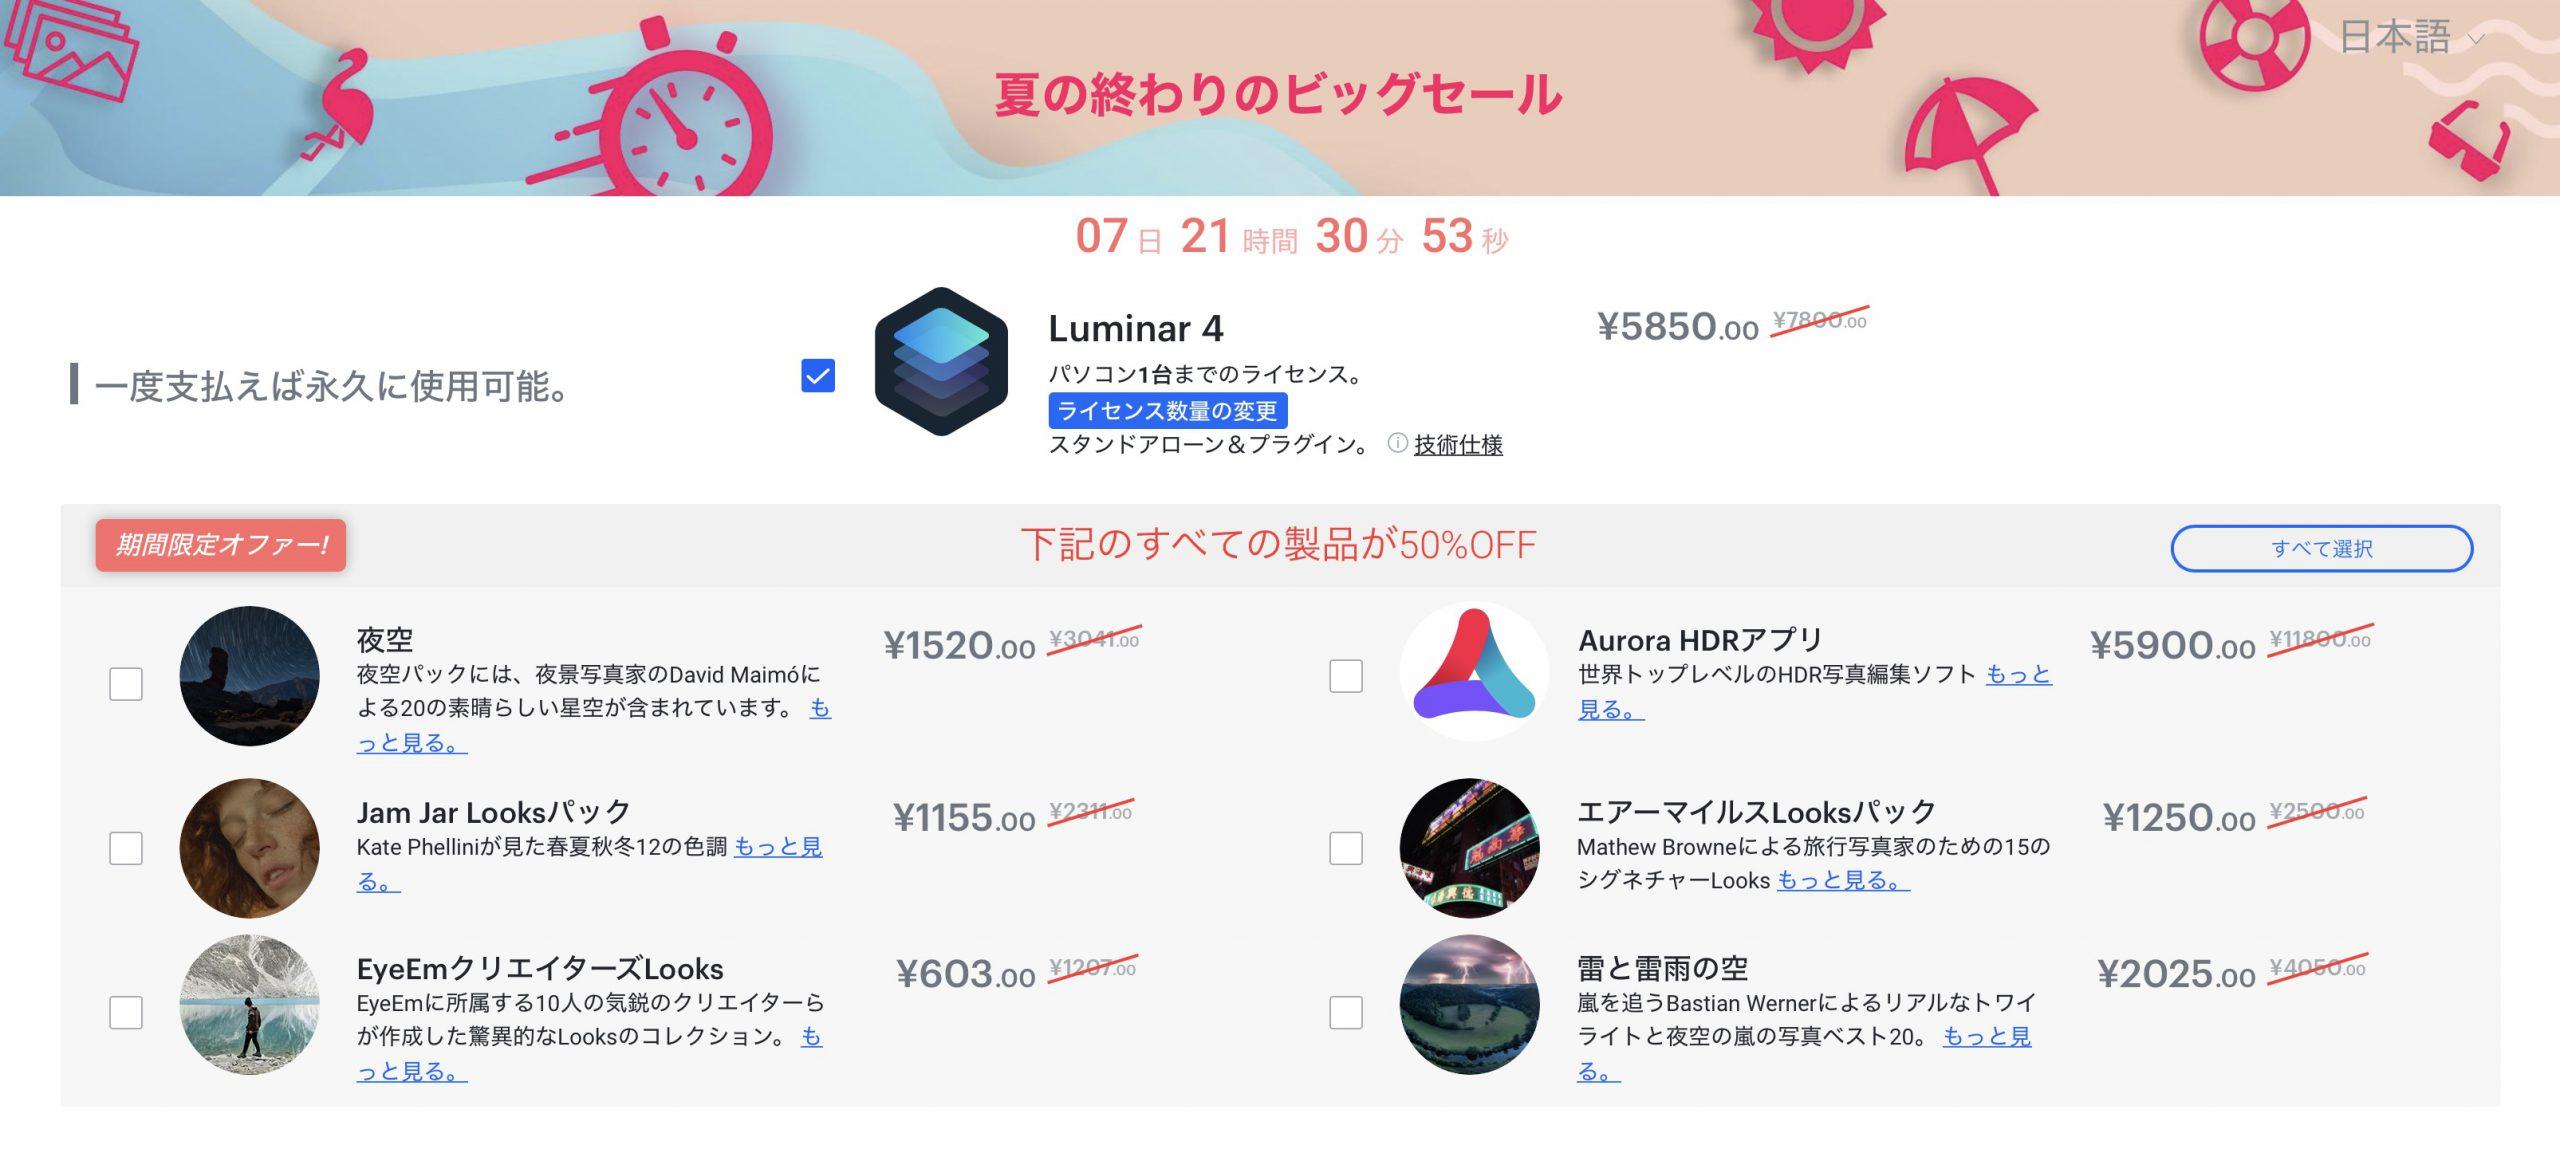 91fdbe92d0c3007643a406112acfd60e scaled - (終了)Luminar 4がお得に購入できる、夏の終わりのビックセールが開催中